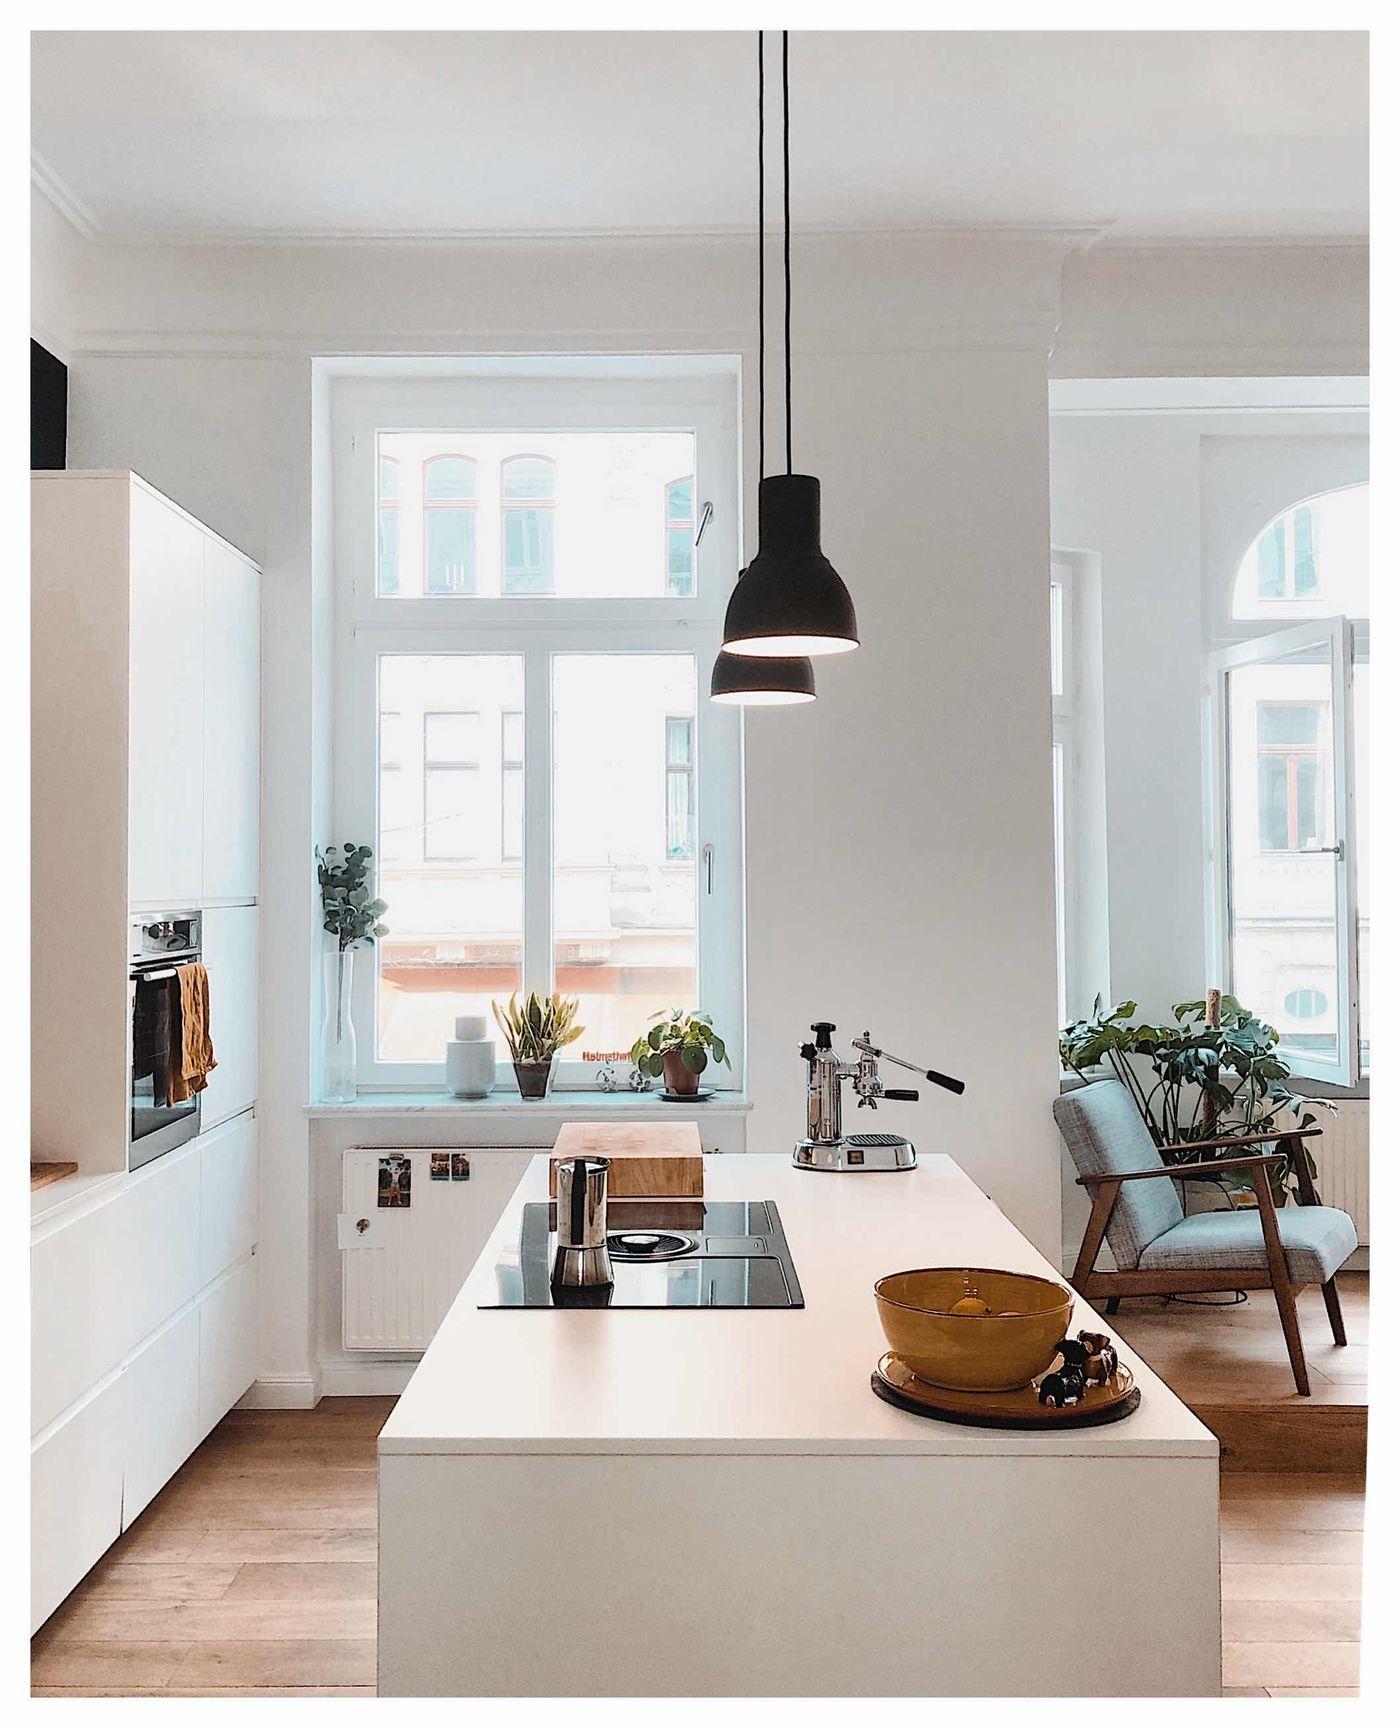 Full Size of Ikea Kchen Tolle Tipps Und Ideen Fr Kchenplanung Küche Planen Kostenlos Abfalleimer Vollholzküche Industrielook Läufer Salamander Aufbewahrungsbehälter Was Wohnzimmer Voxtorp Küche Ikea